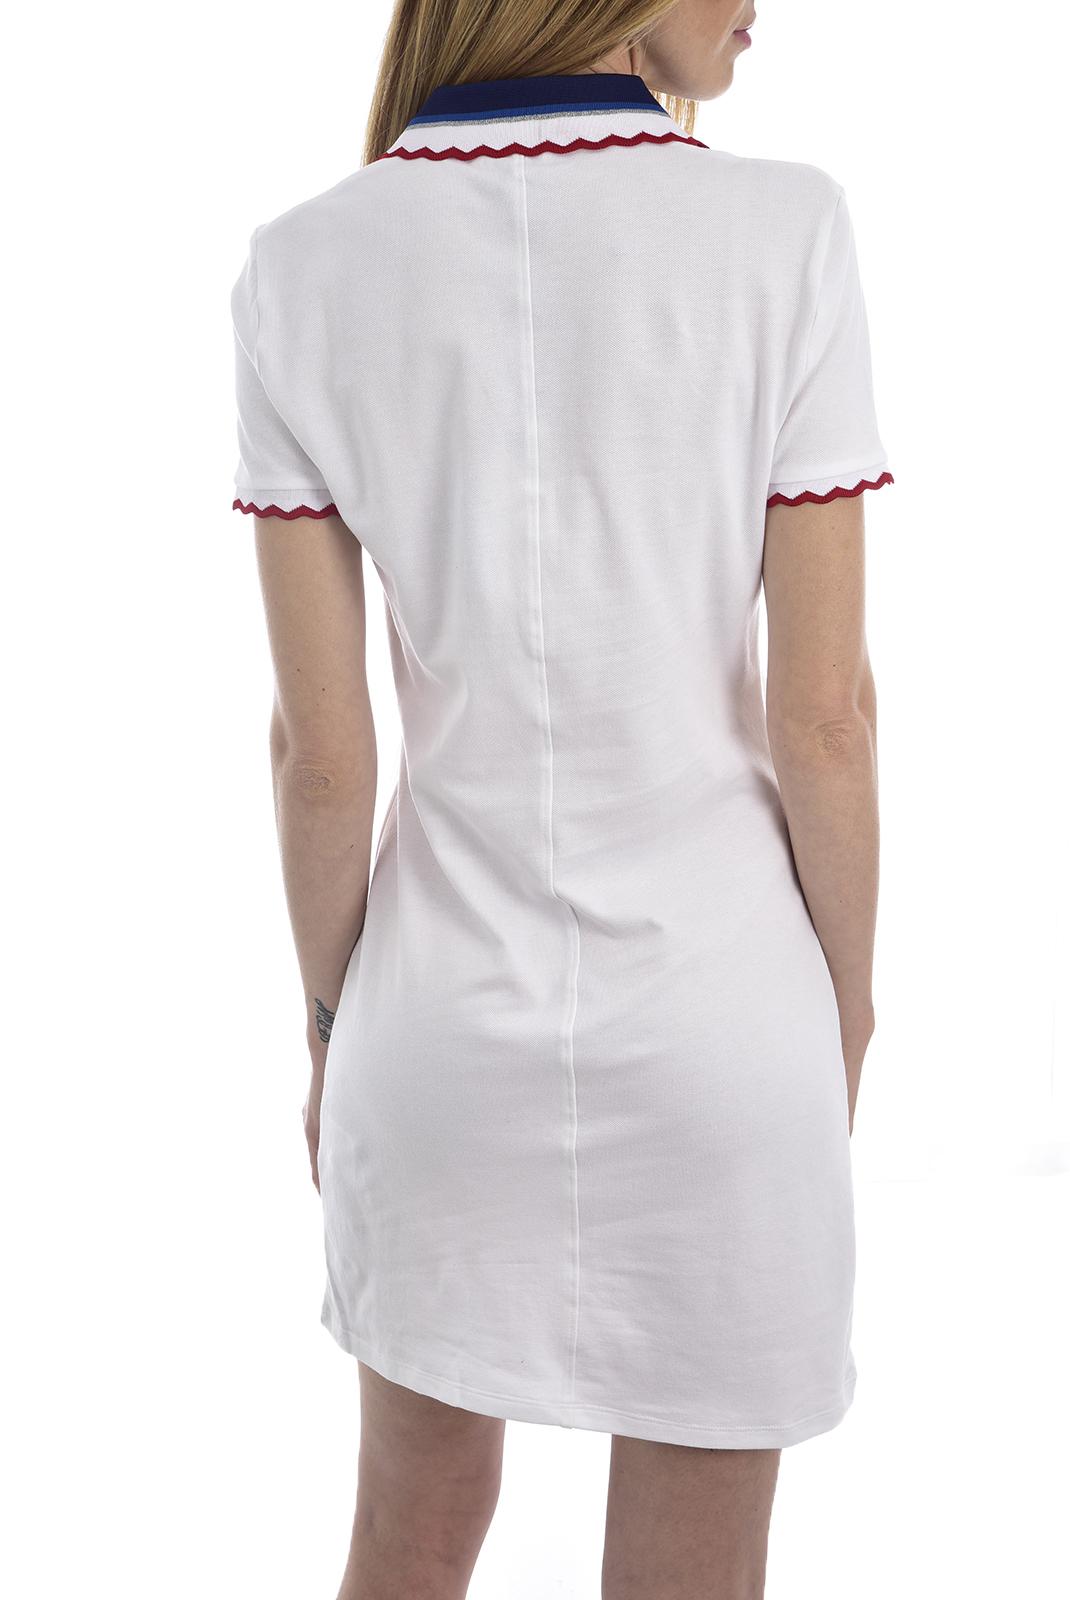 Robes  Kaporal ROUKY WHITE